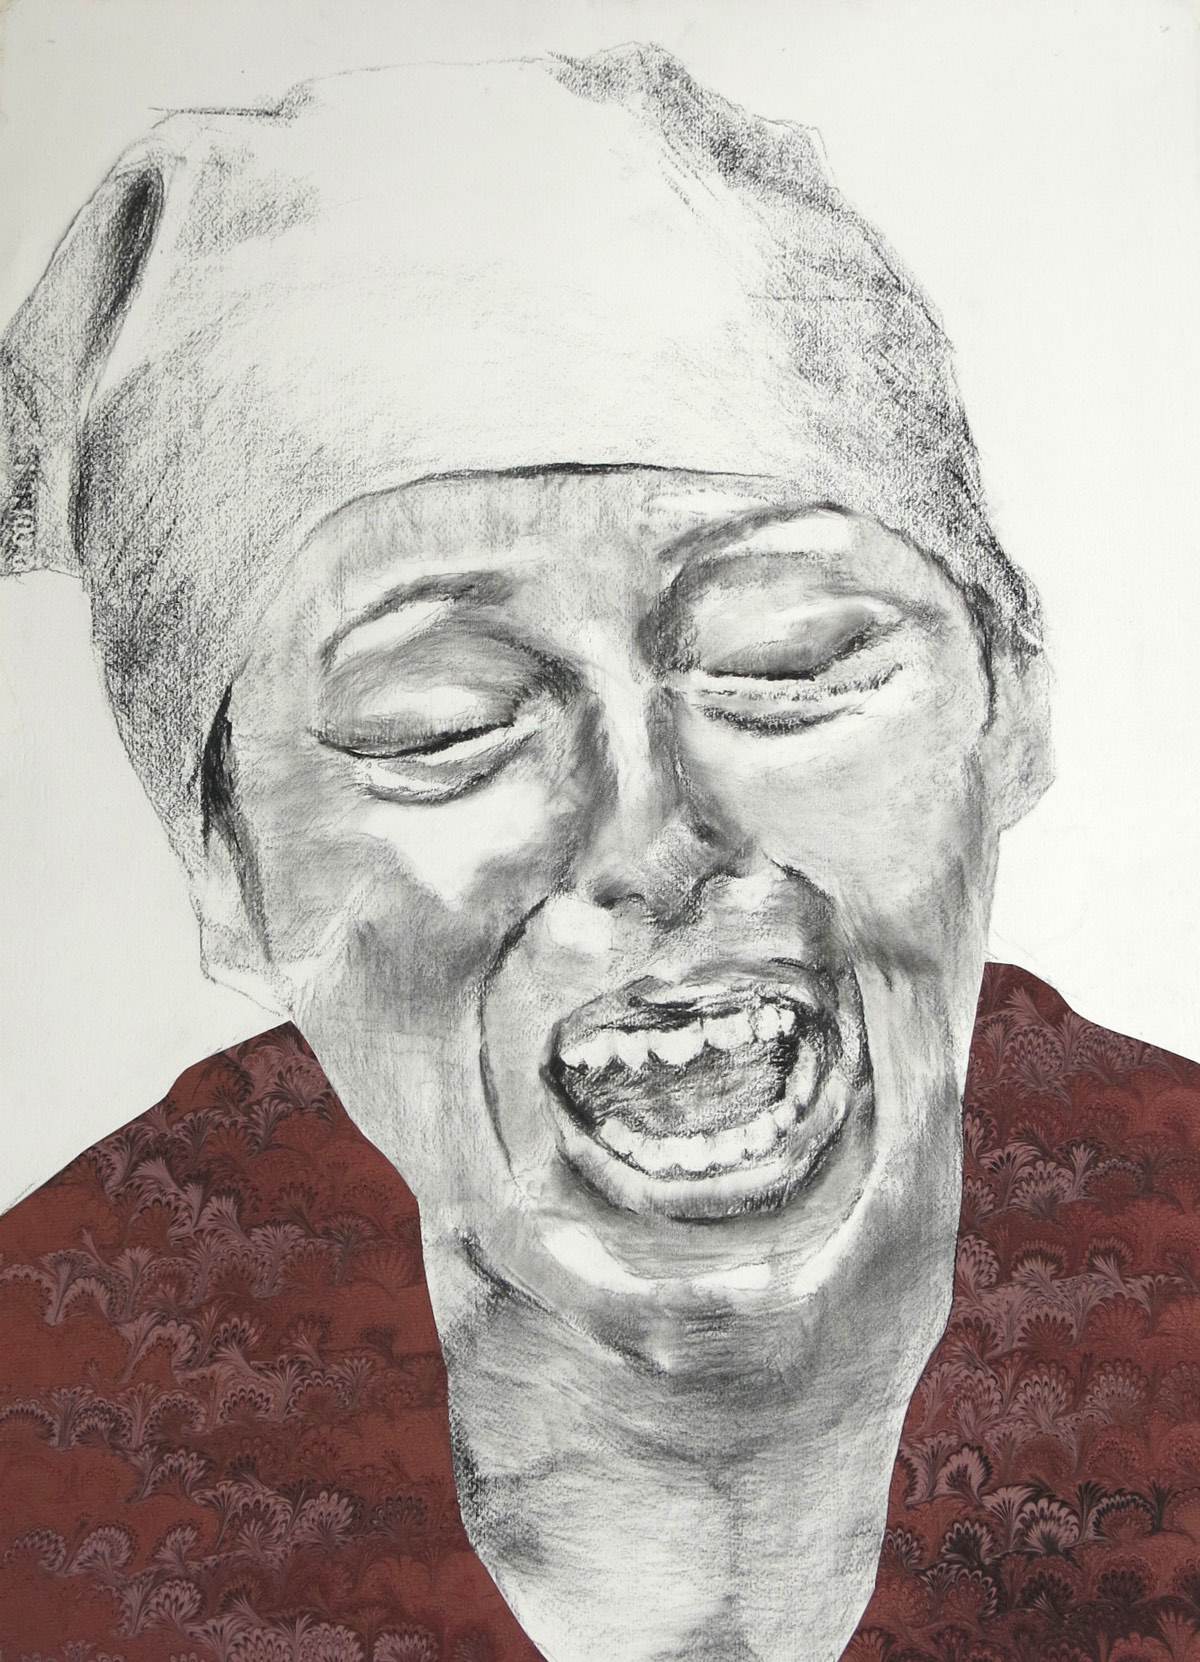 'Wanhopige vrouw' 56x76cm Gemengde techniek: gemarmerd papier ±1920 en potlood op geschept papier, info button